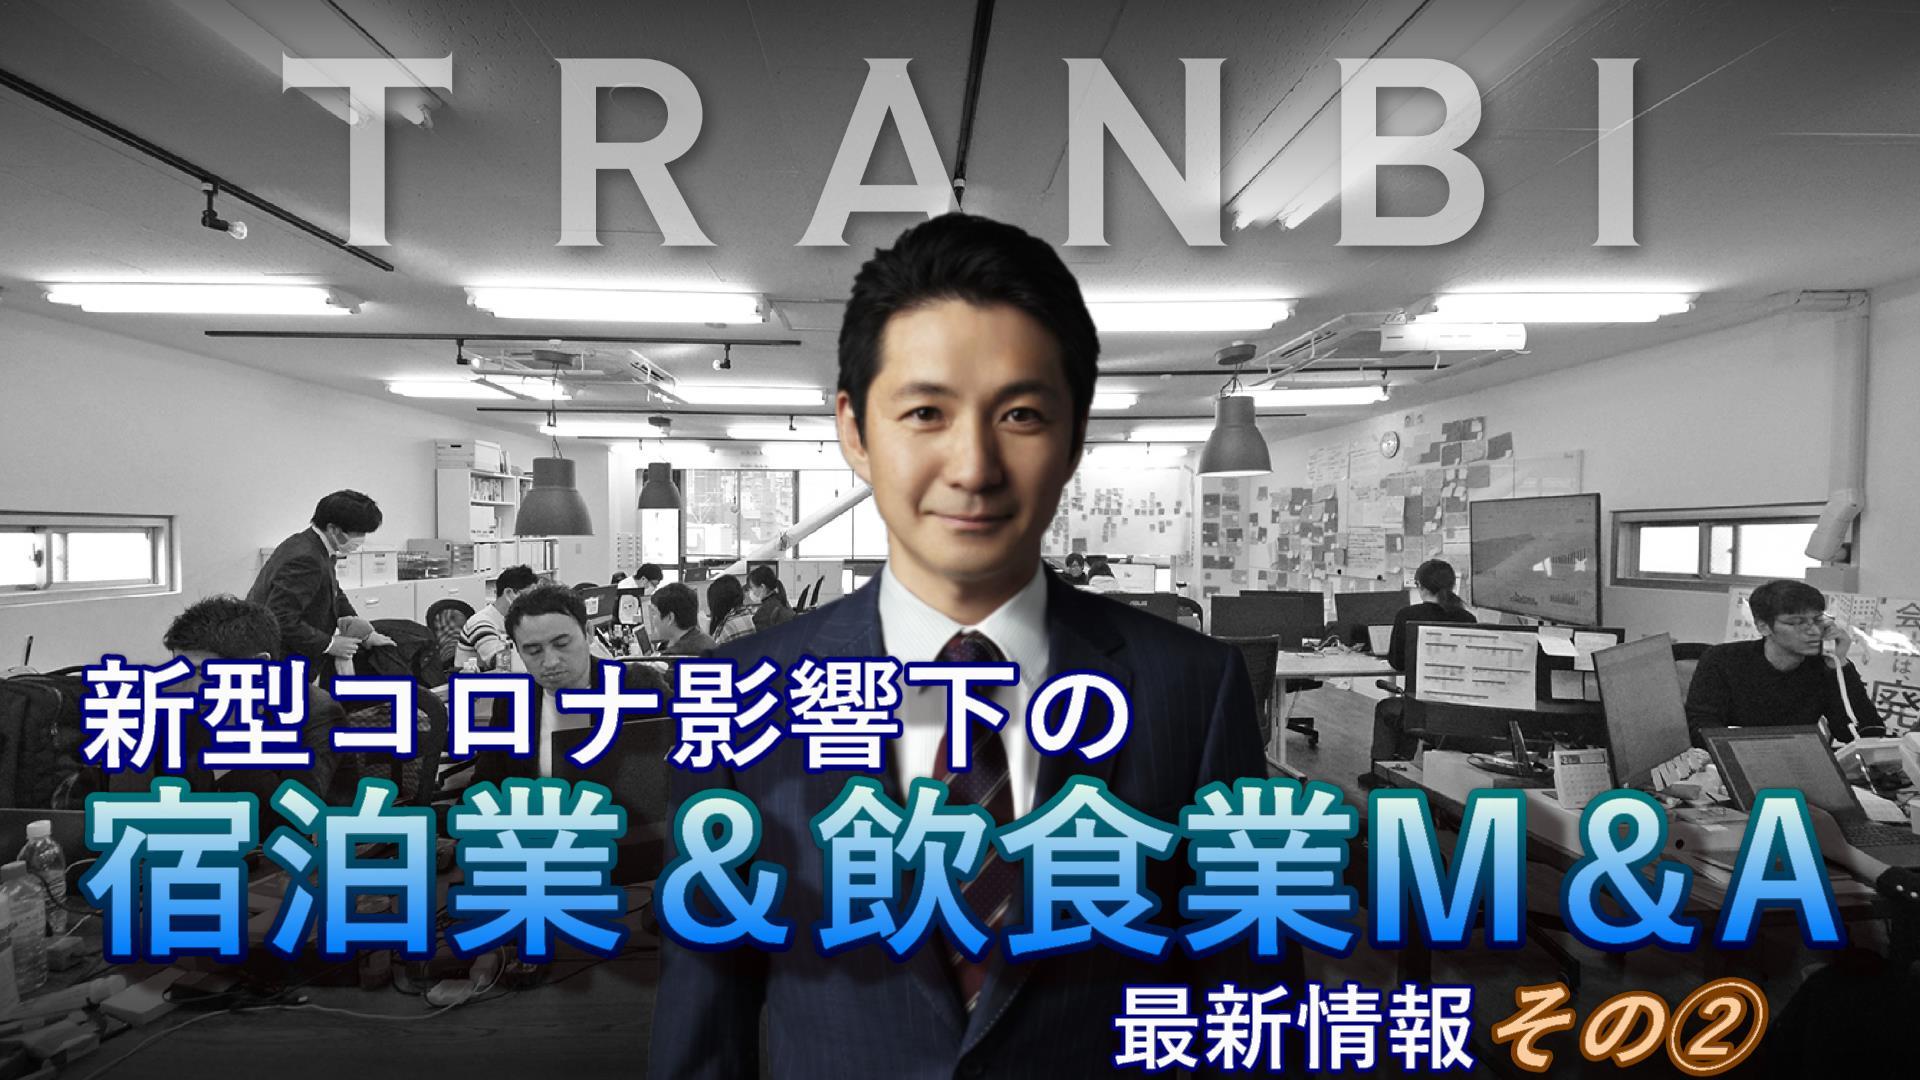 """新型コロナ影響下での """" 宿泊業&飲食業 """" M&A最新情報②"""